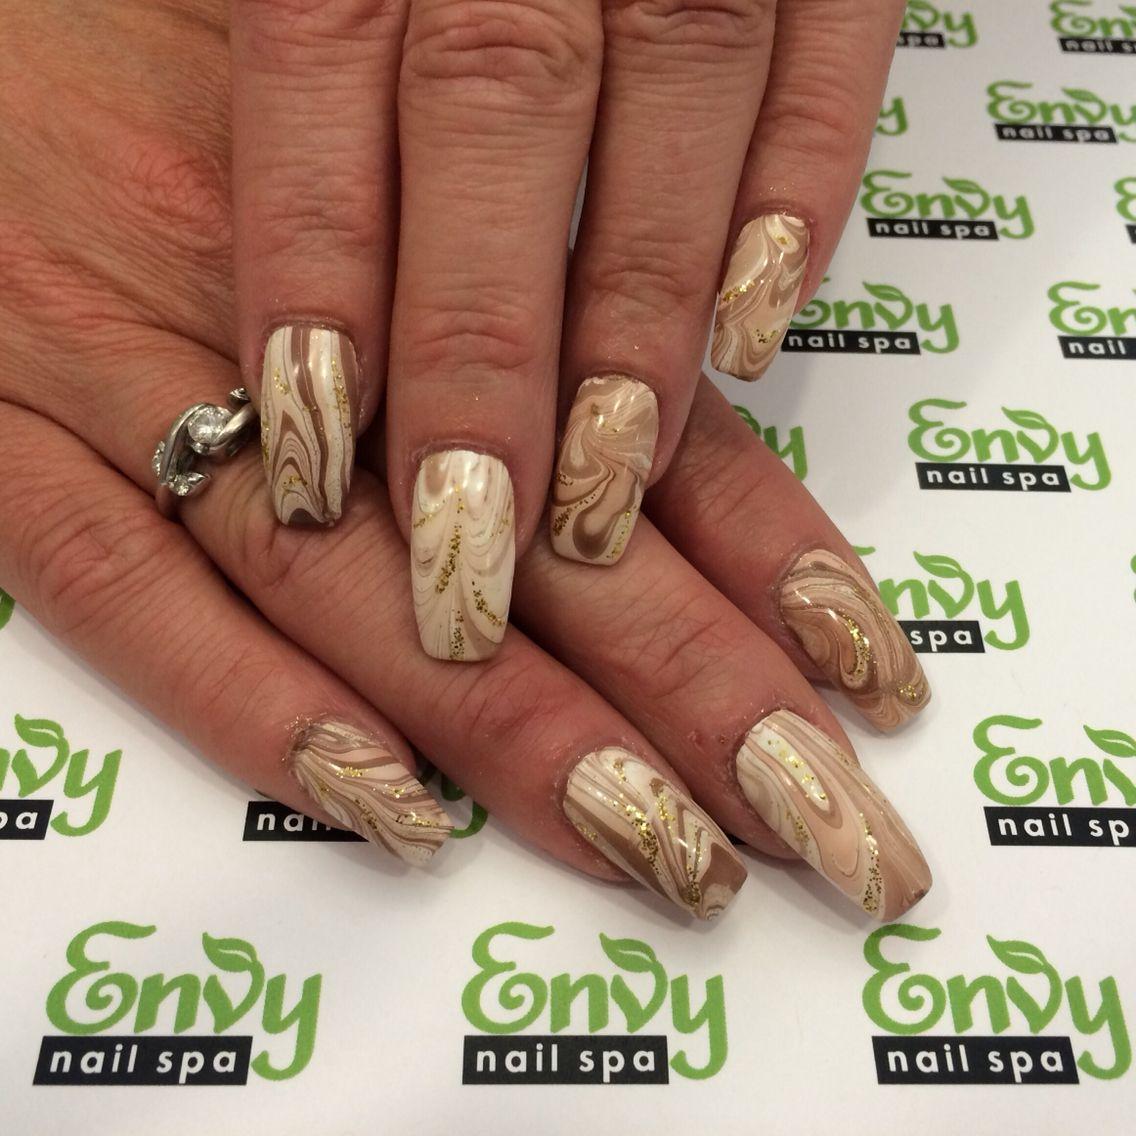 Gold, Tan, Nude, Water Marble Nails - Envy Nail Spa | Abstract ...